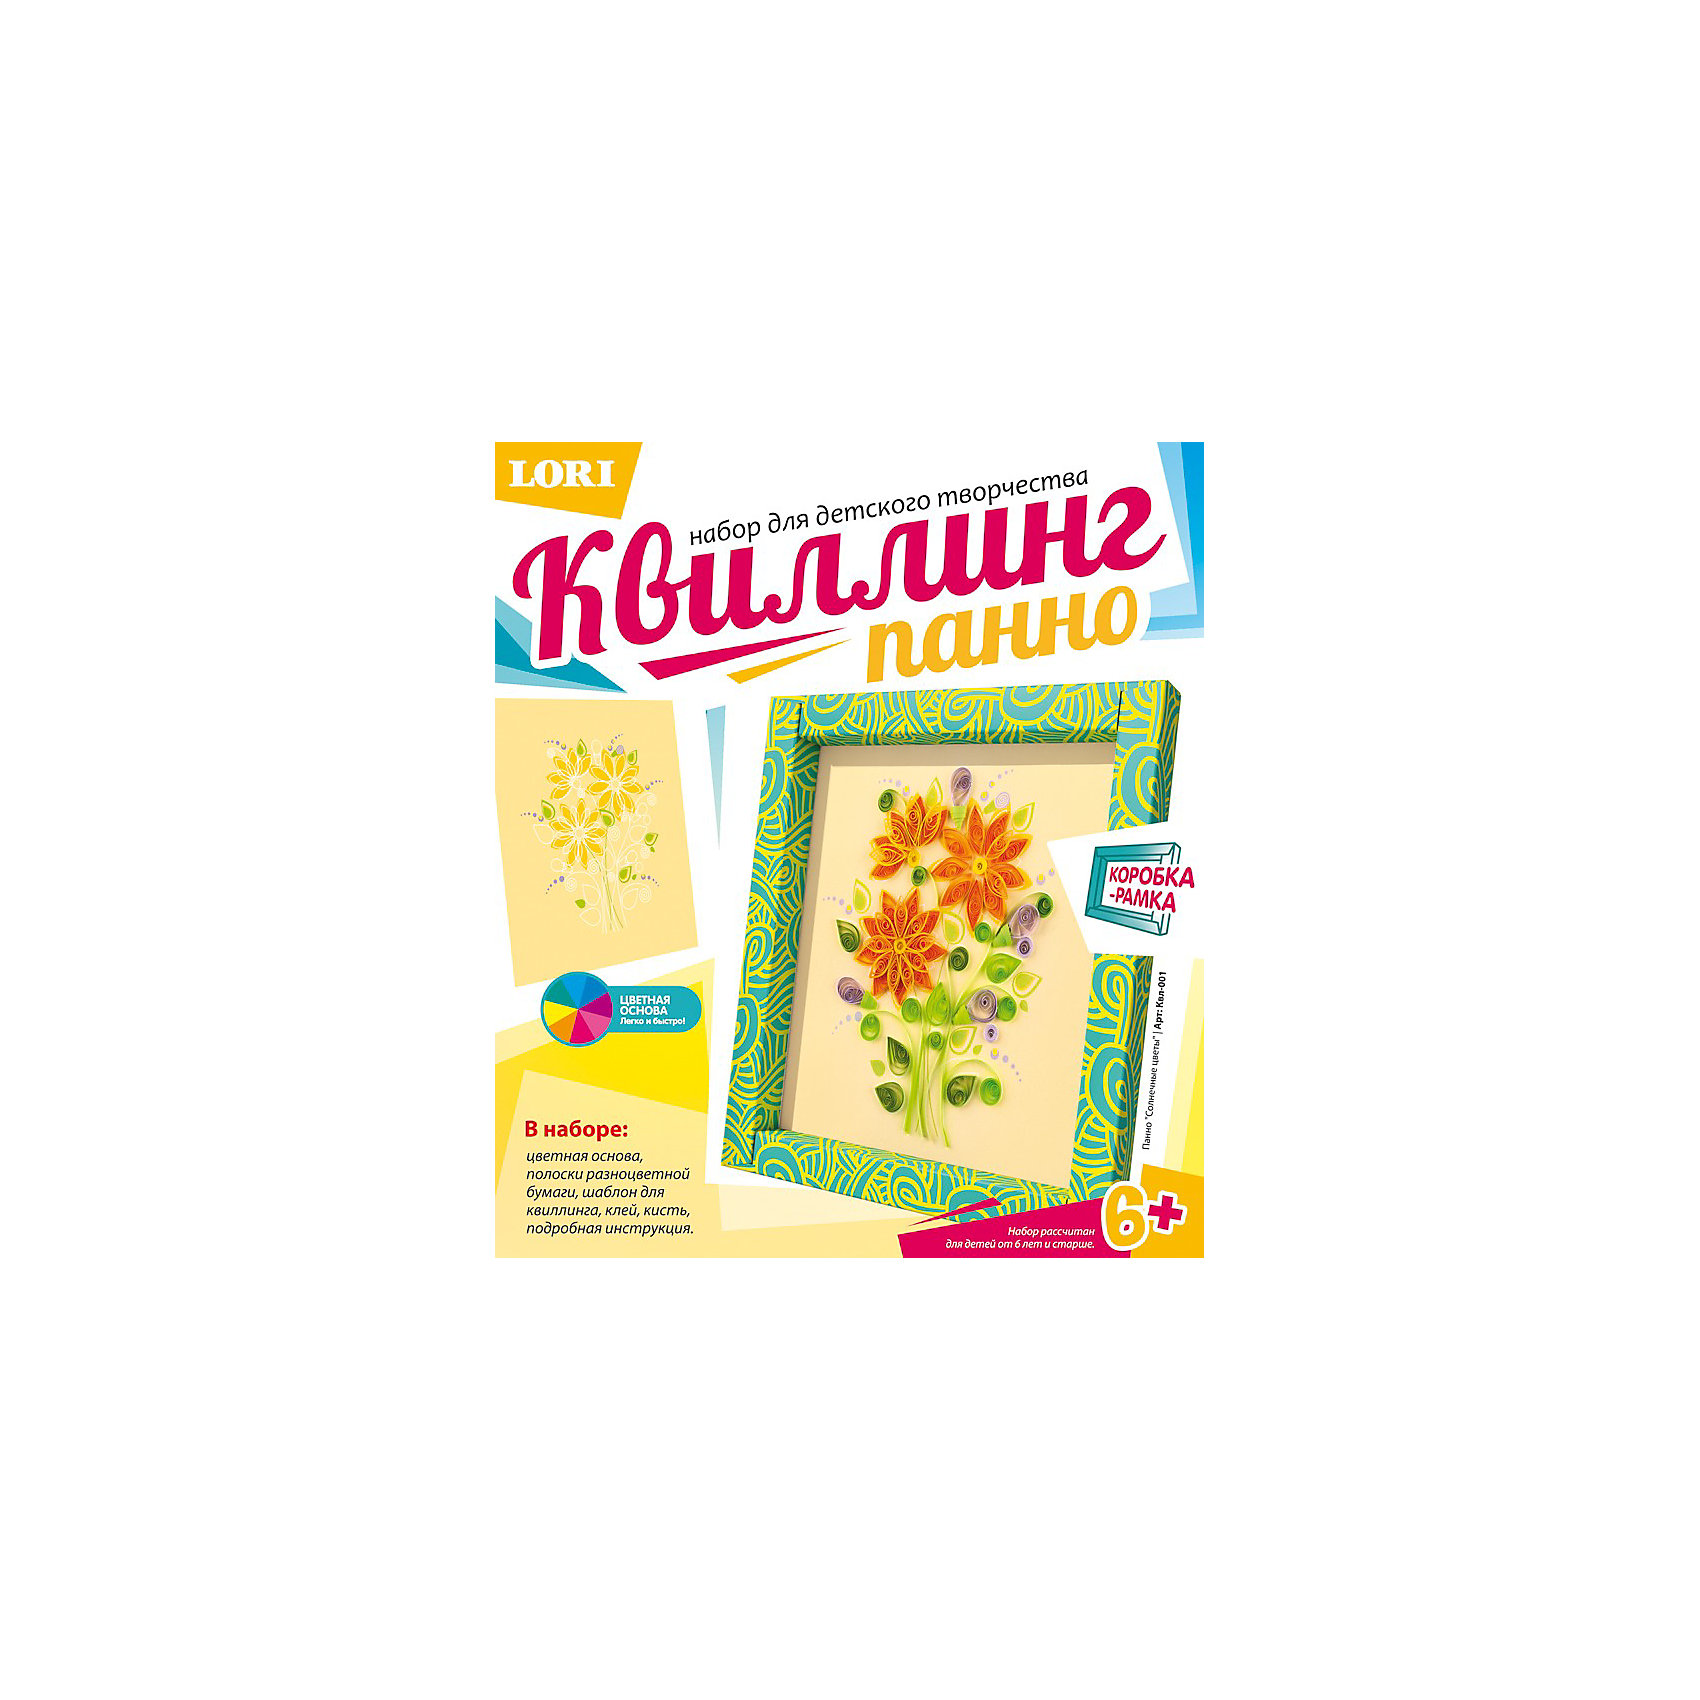 LORI Квиллинг-Панно Солнечные цветы, LORI живые цветы в вакууме купить в саратове